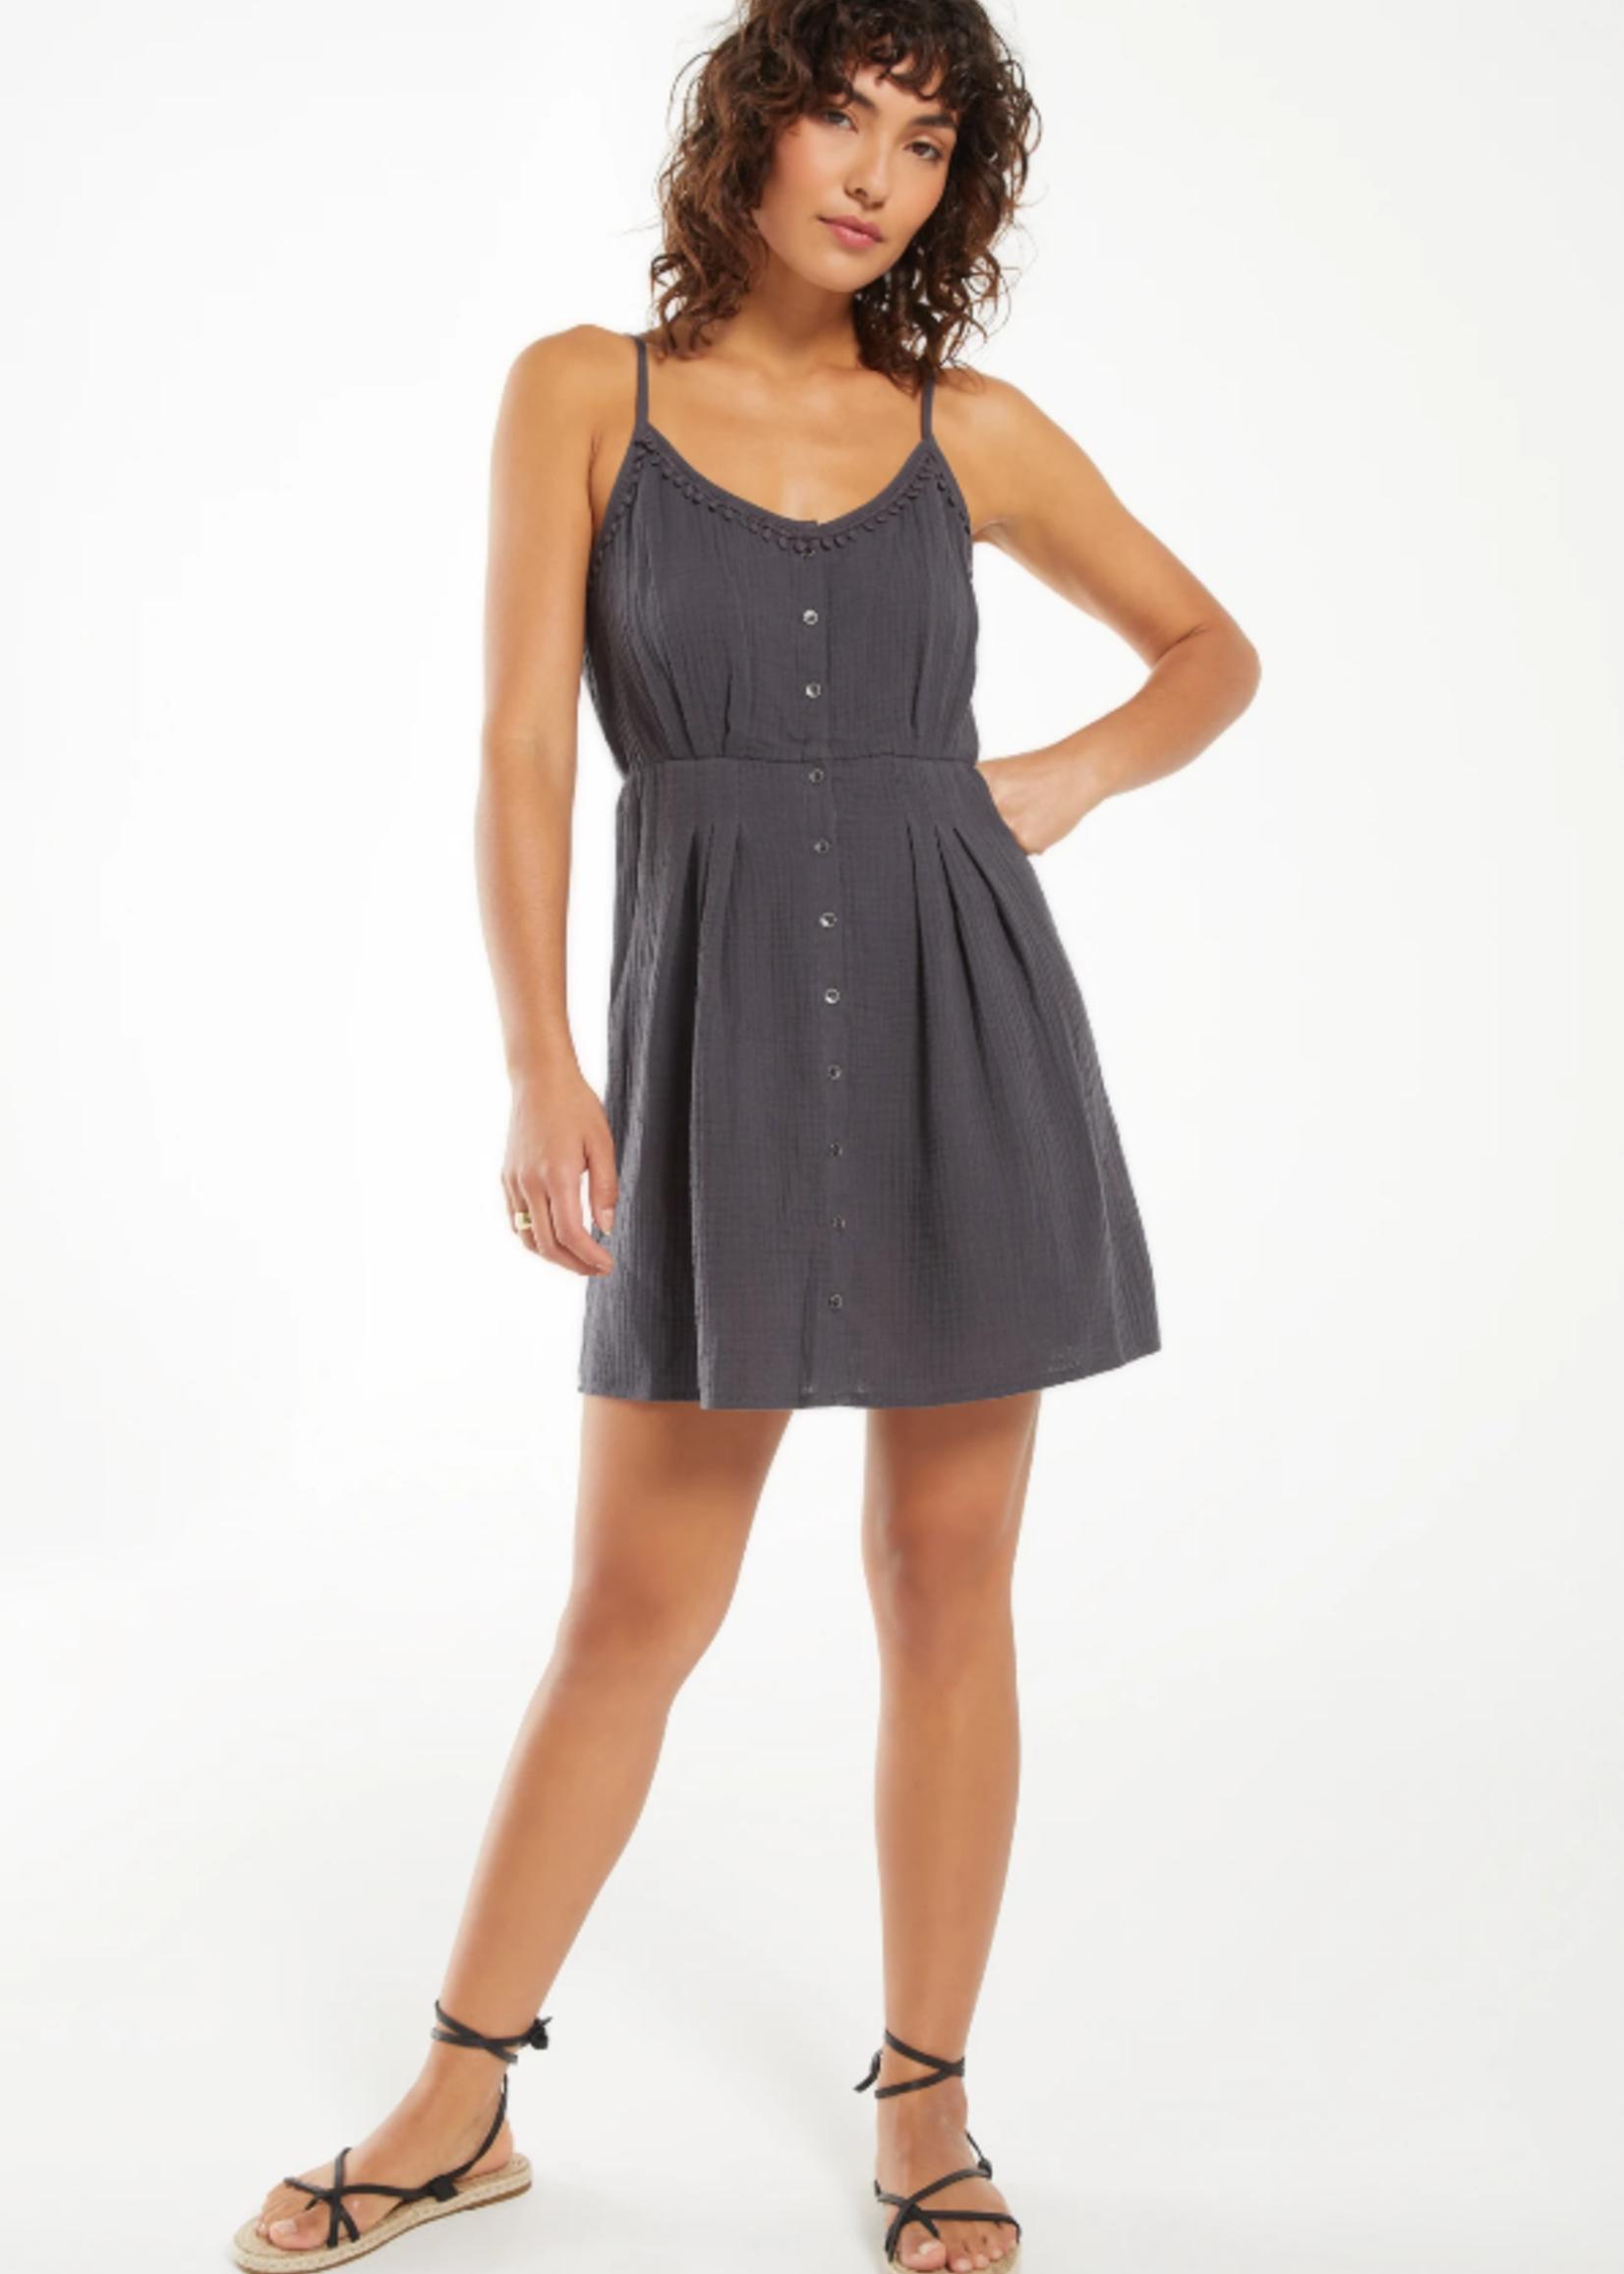 Z Supply Umbra Gauze Dress - Washed Black